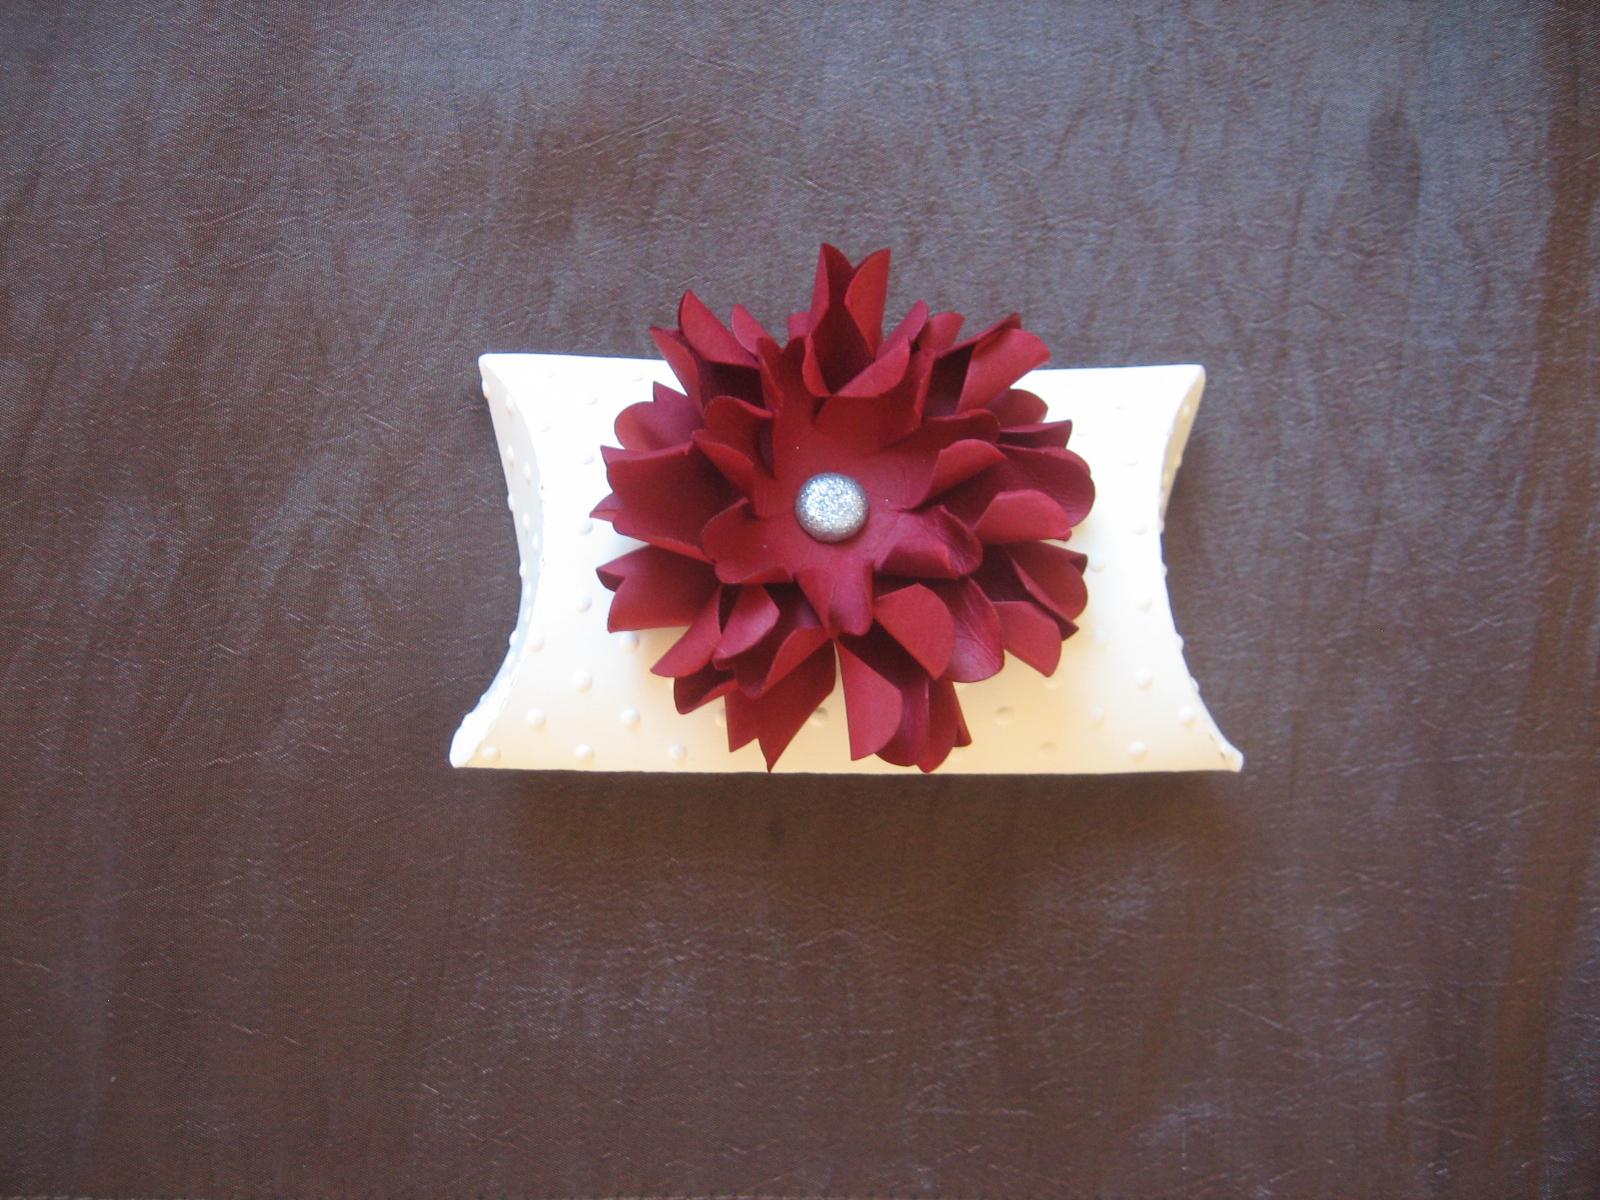 Kleine Nette Geschenke ~ Ingeborgs bastelecke für nette kleine geschenke